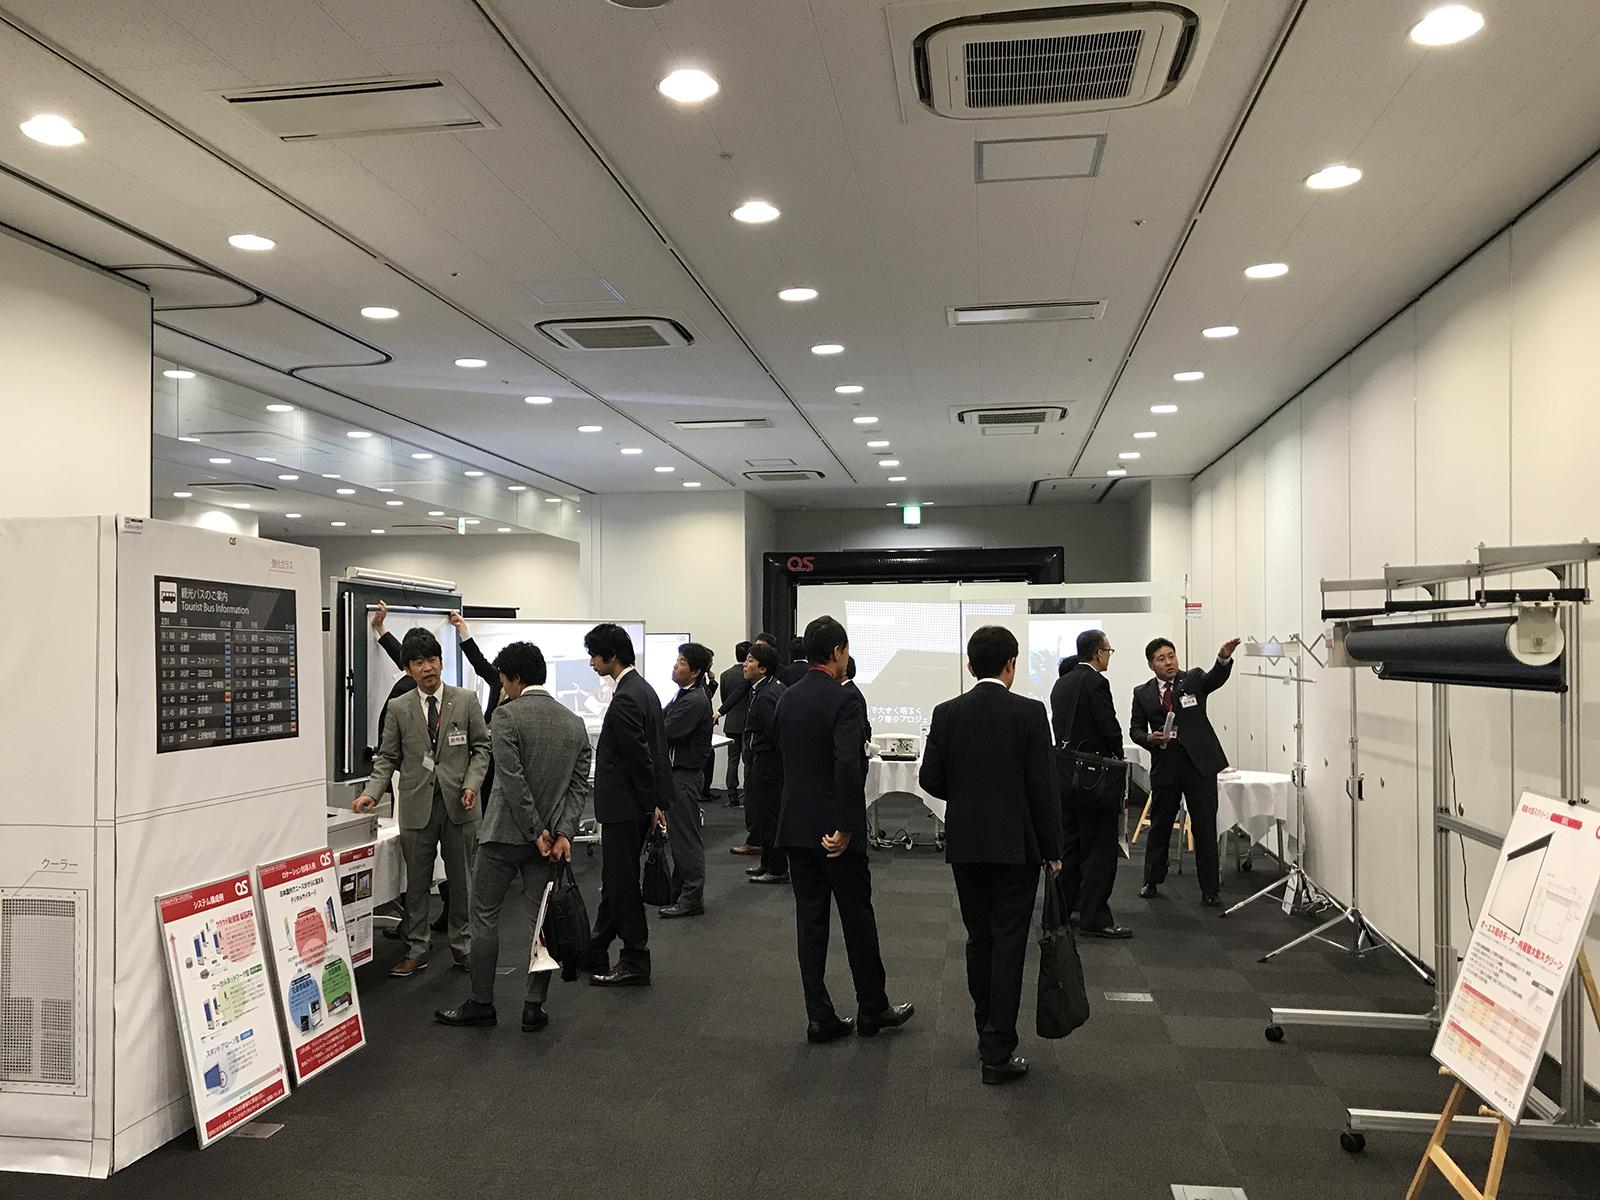 2018年11月9日にウインクあいちで開催した「オーエス展示会 キモチをカタチに in 名古屋」に、ご来場ありがとうございました。